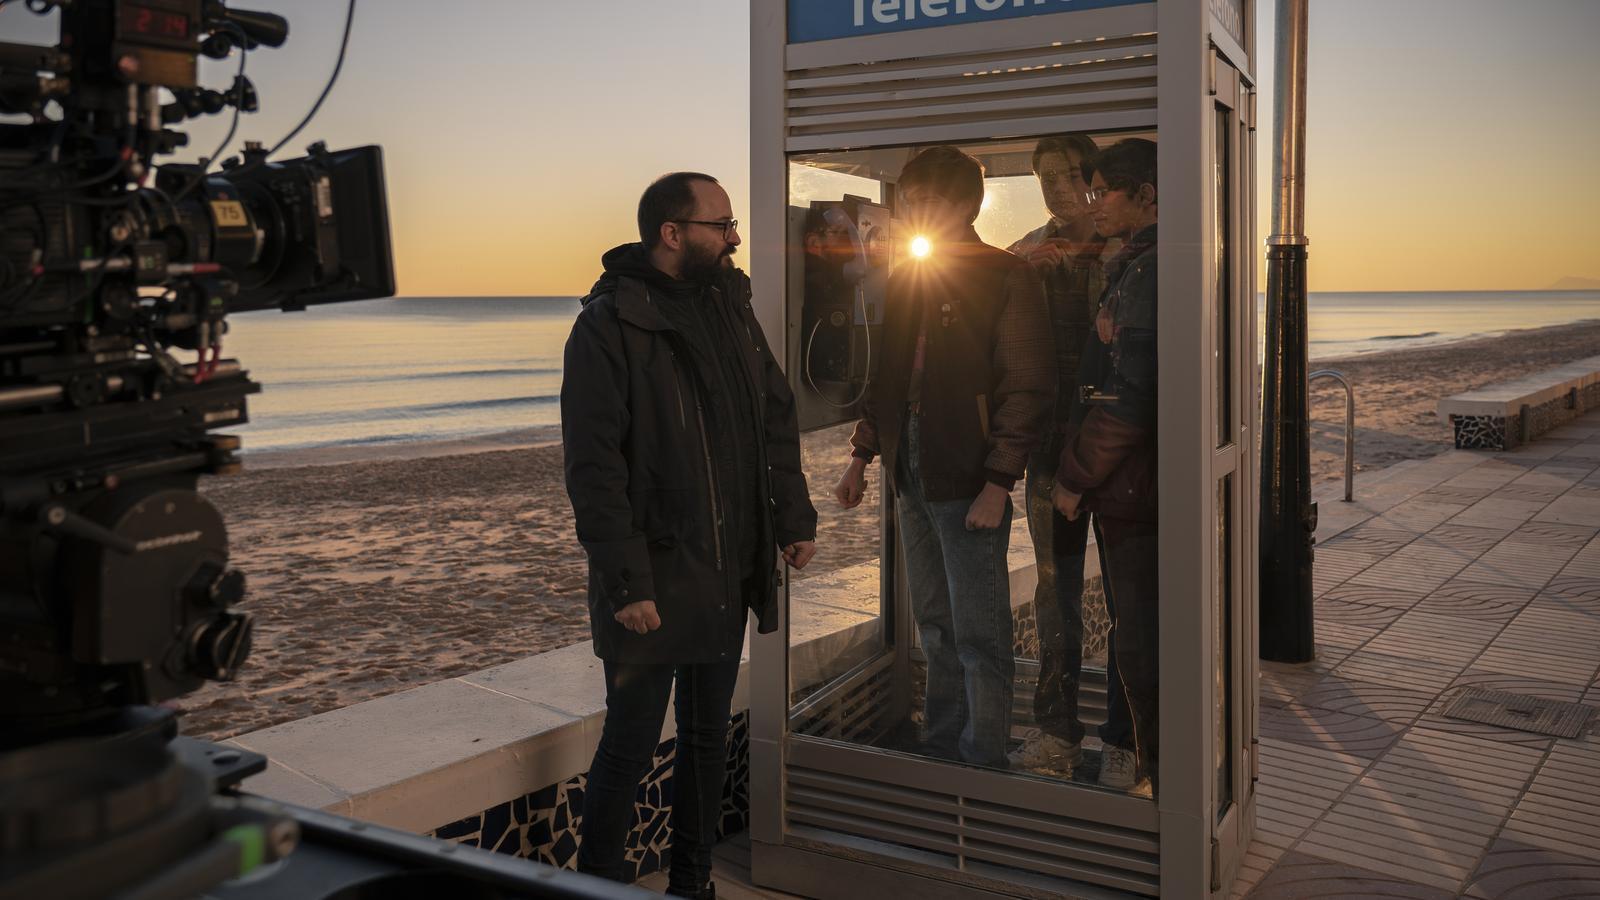 Un moment del rodatge de la sèrie 'Paraíso' que Movistar+ estrenarà a finals d'any o principis del 2021